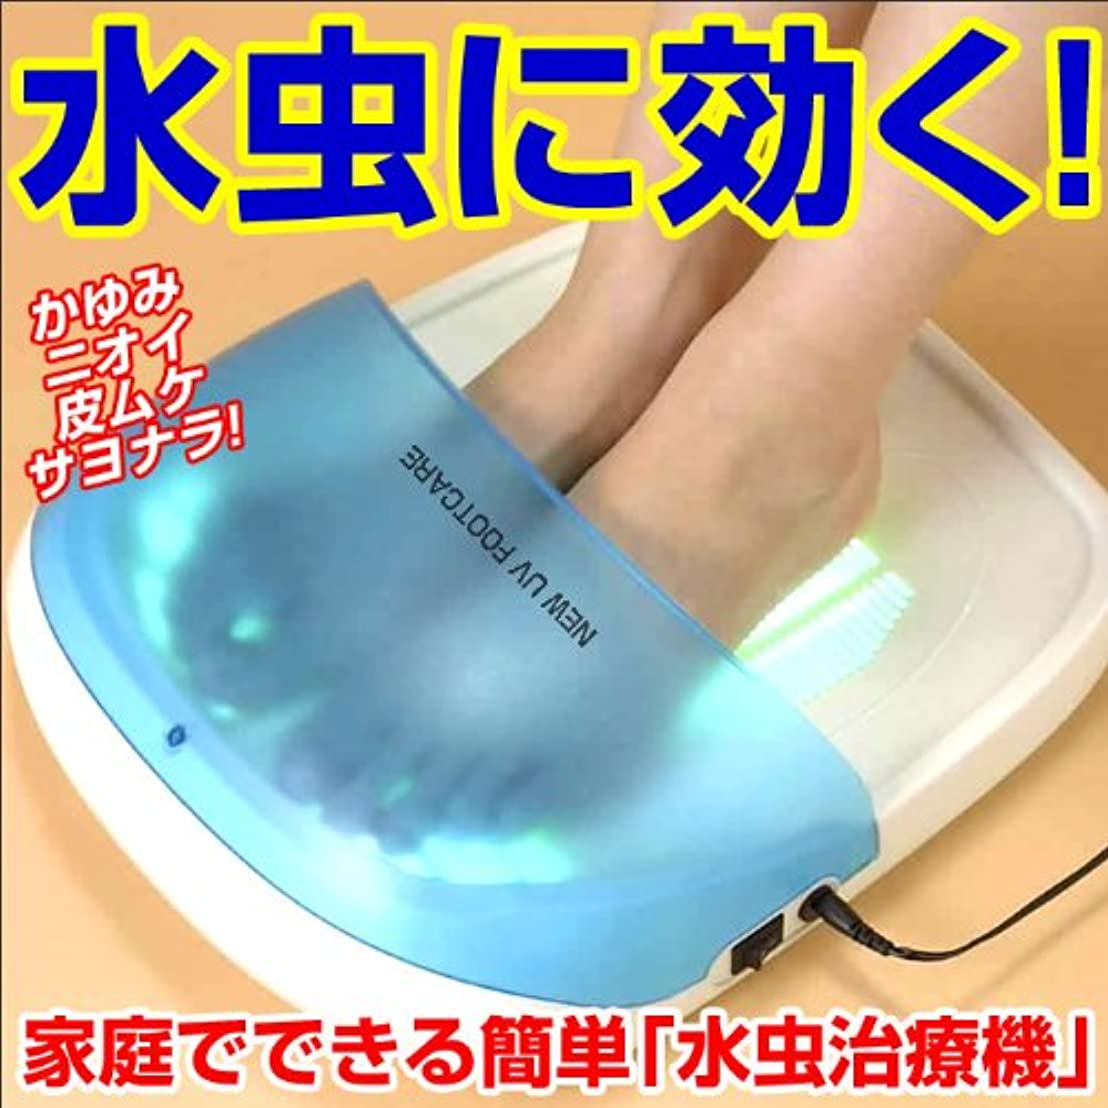 アレンジ圧縮されたセント紫外線治療器UVフットケア(医療用具承認商品)